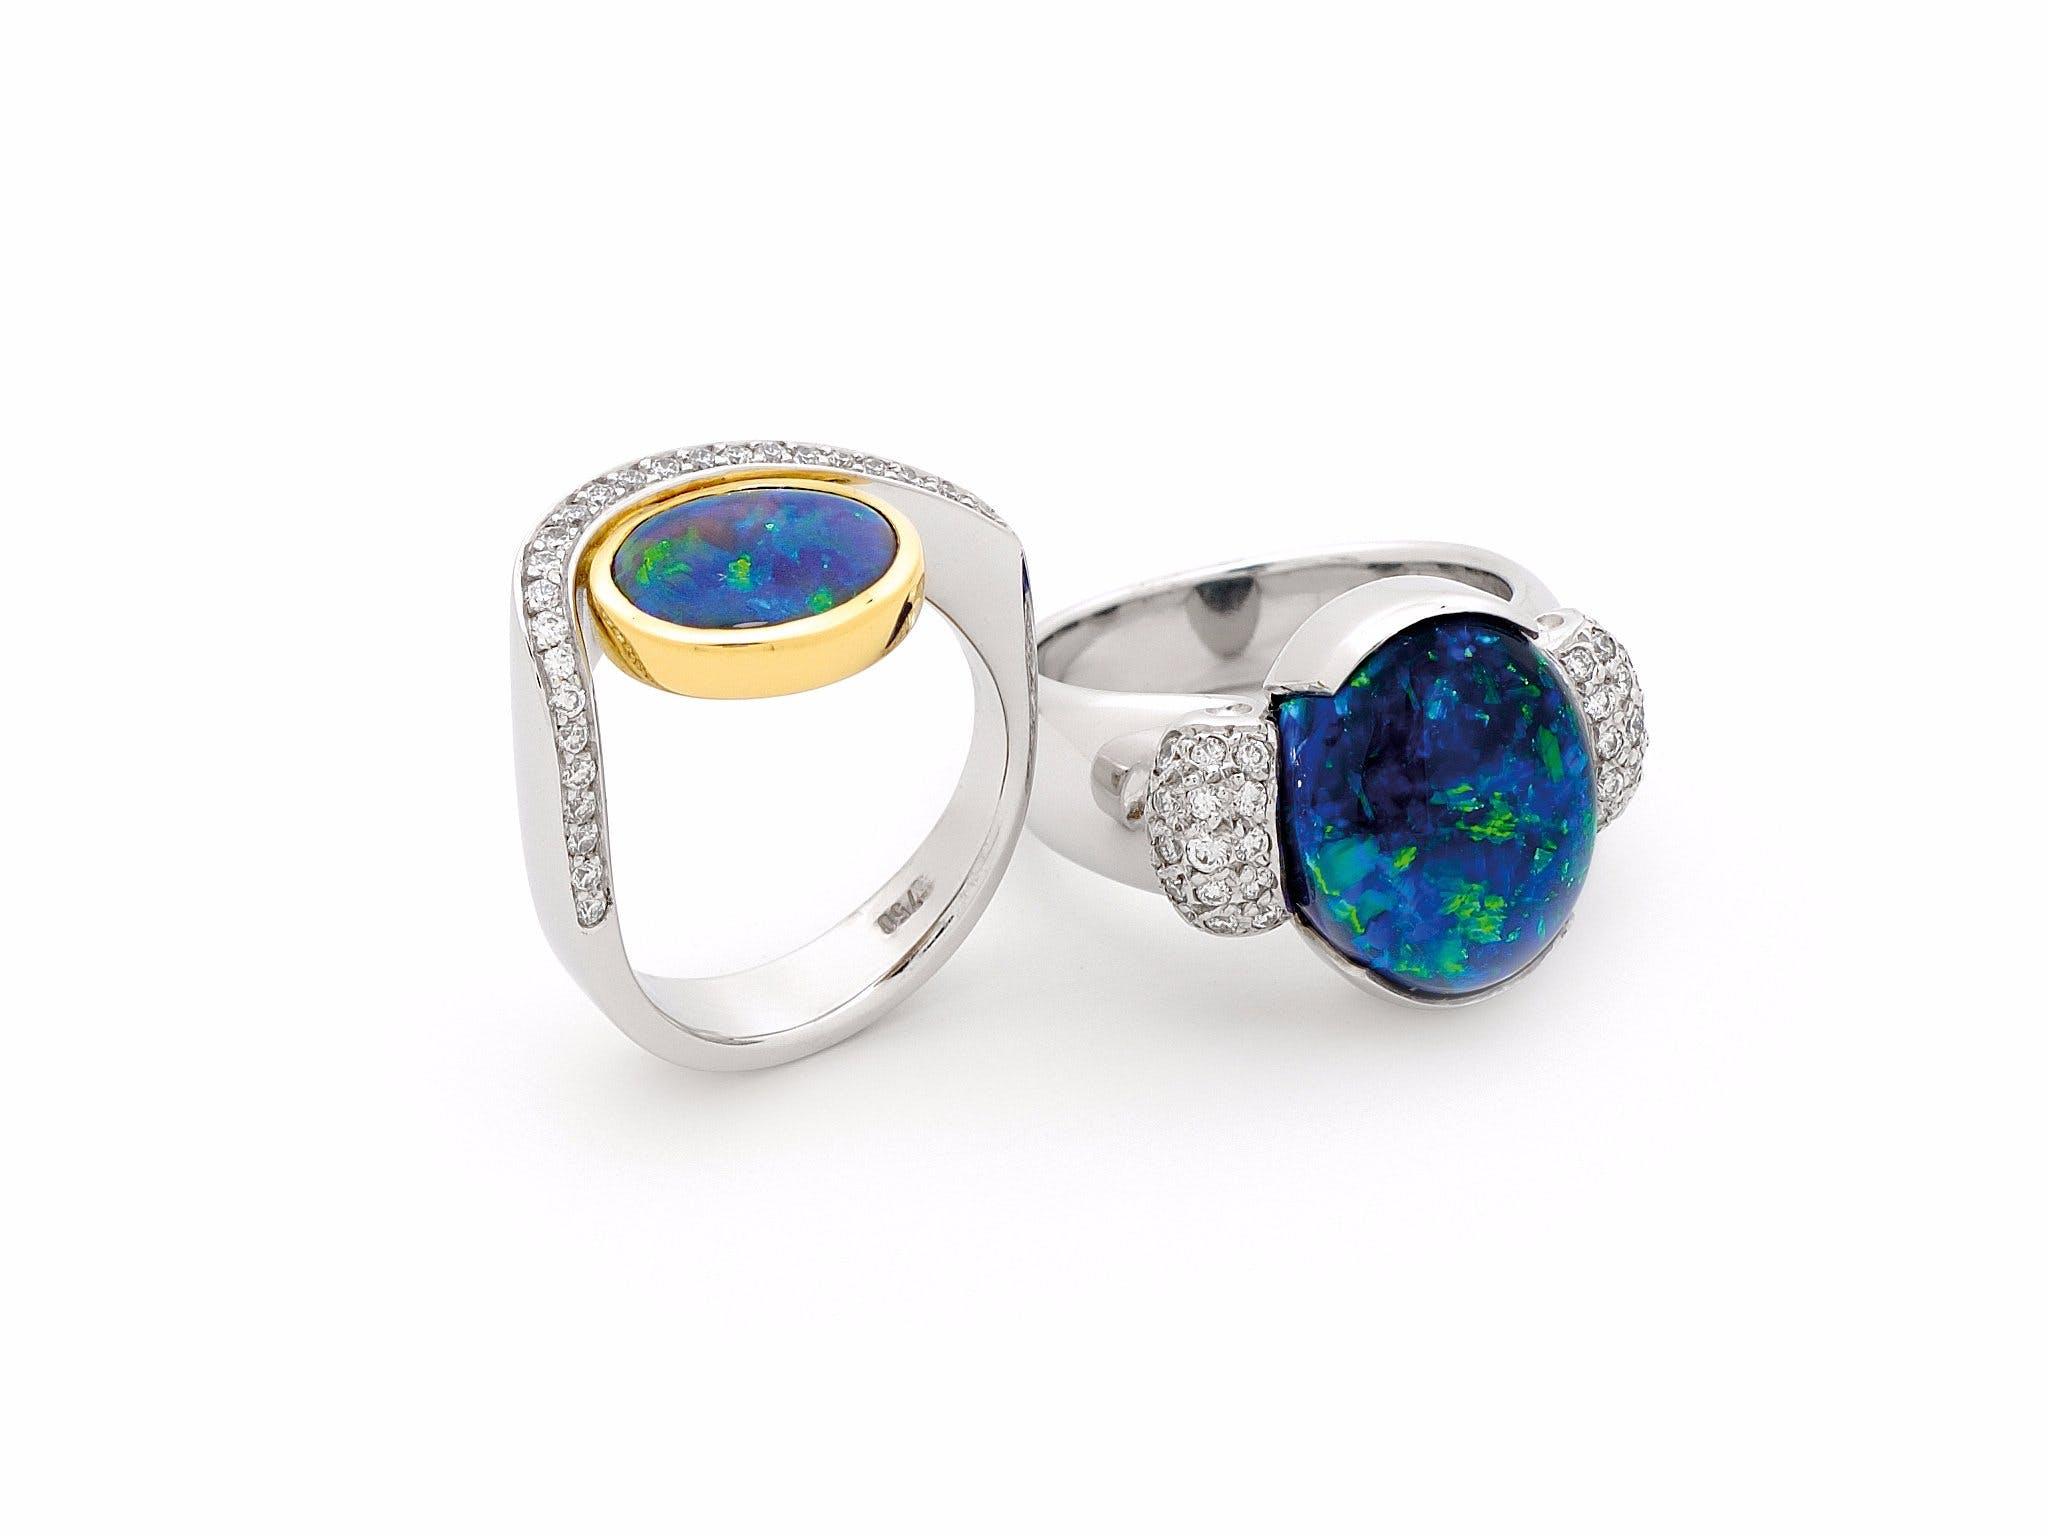 華麗蛋白石戒指